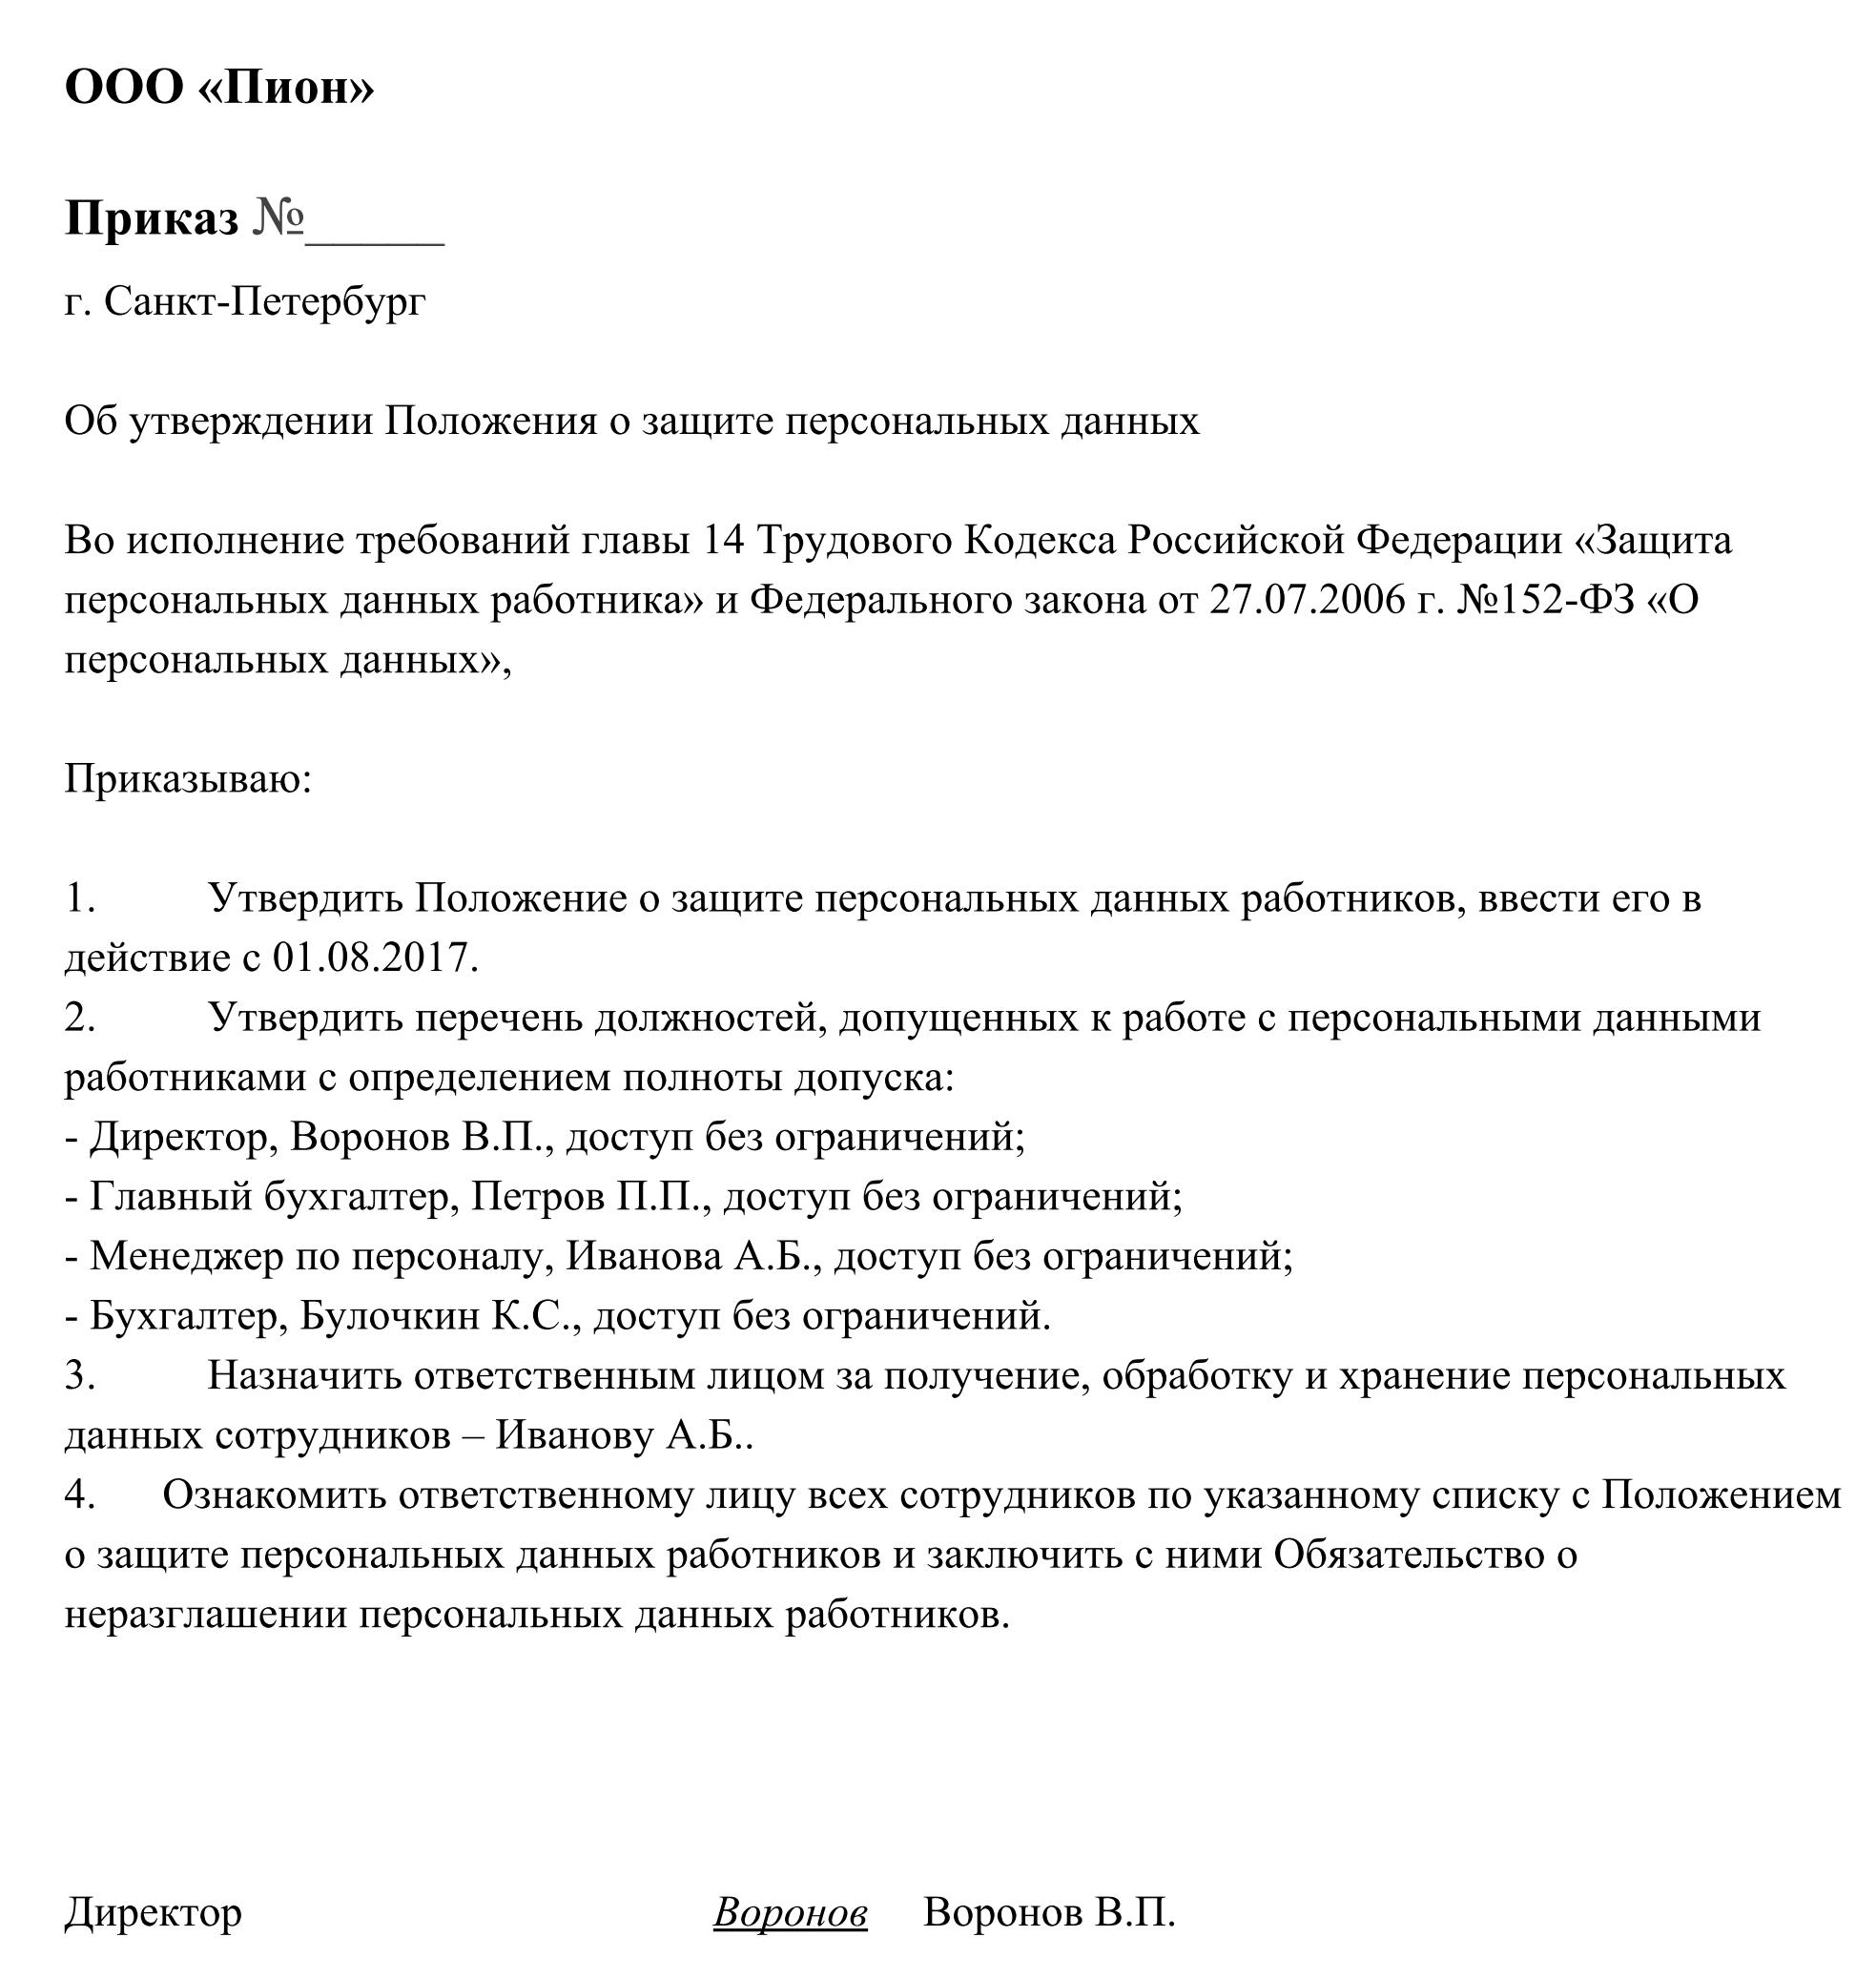 Образец приказа положения о защите персанальных данных